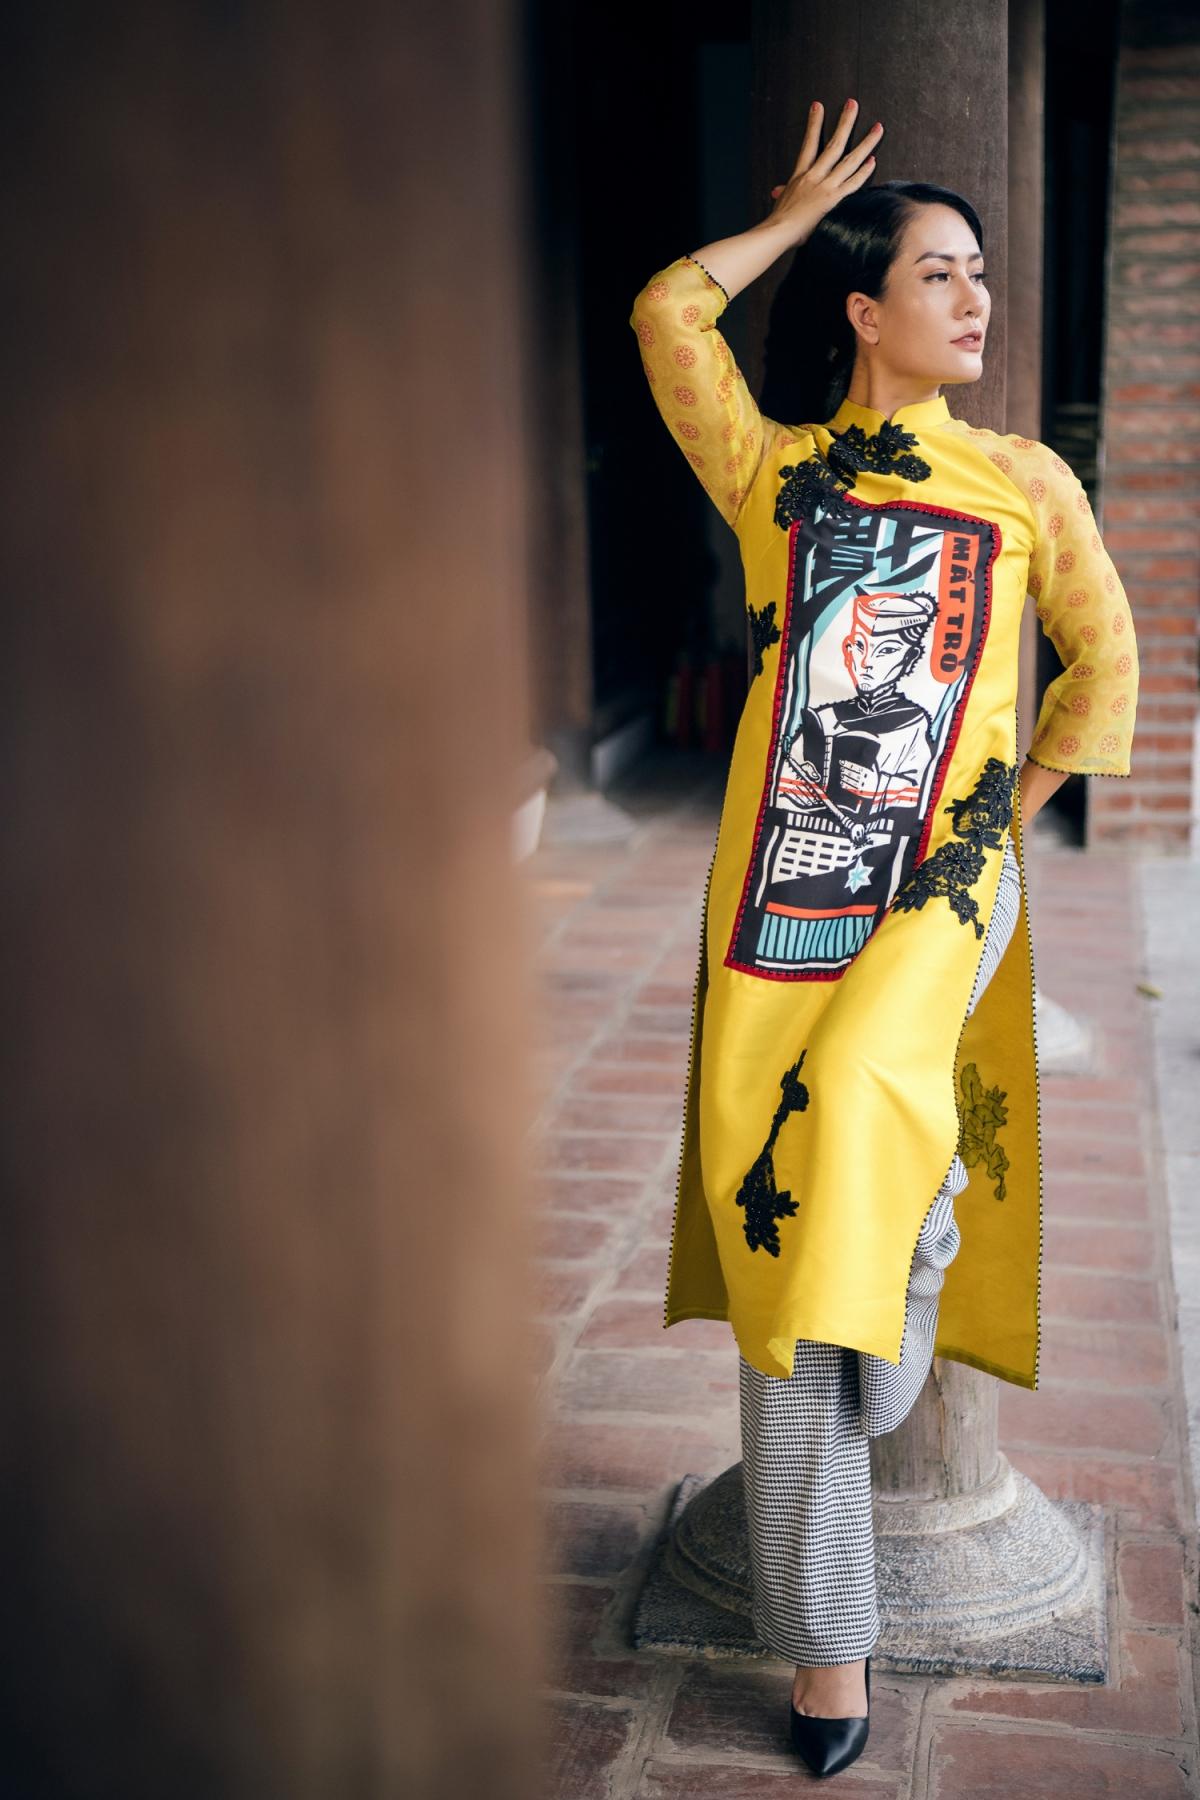 Trong BTS, NTK Cao Minh Tiến đã thể hiện hình ảnh, hoạ tiết, dấu ấn... của nghệ thuật bài chòi qua áo dài Việt Nam ở các thời kỳ khác nhau.